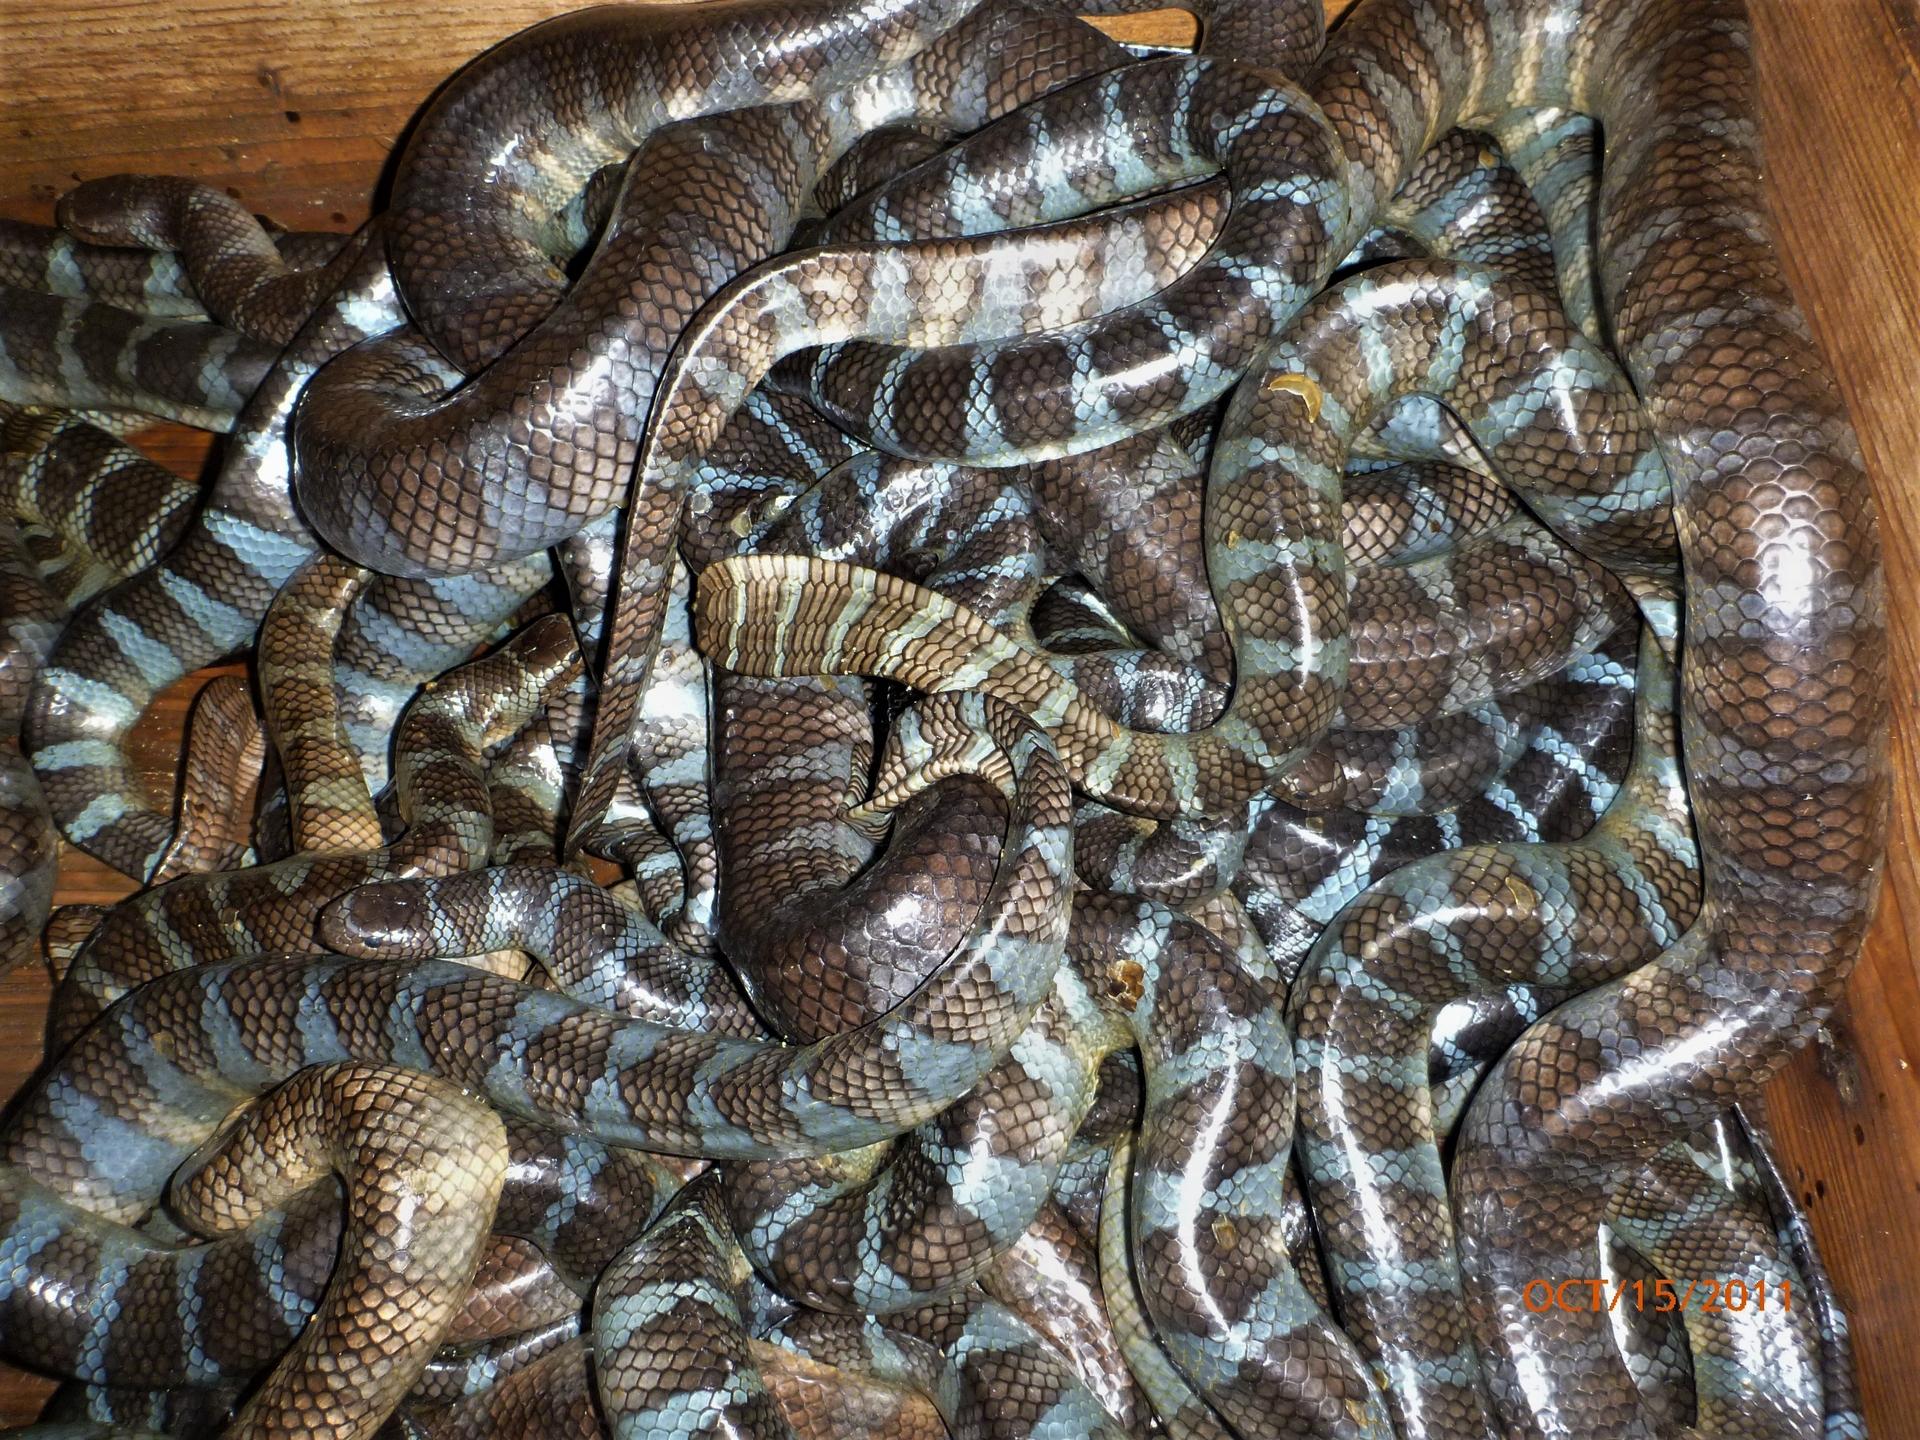 由久高島居民捕獲的海蛇。攝影:杜銘章